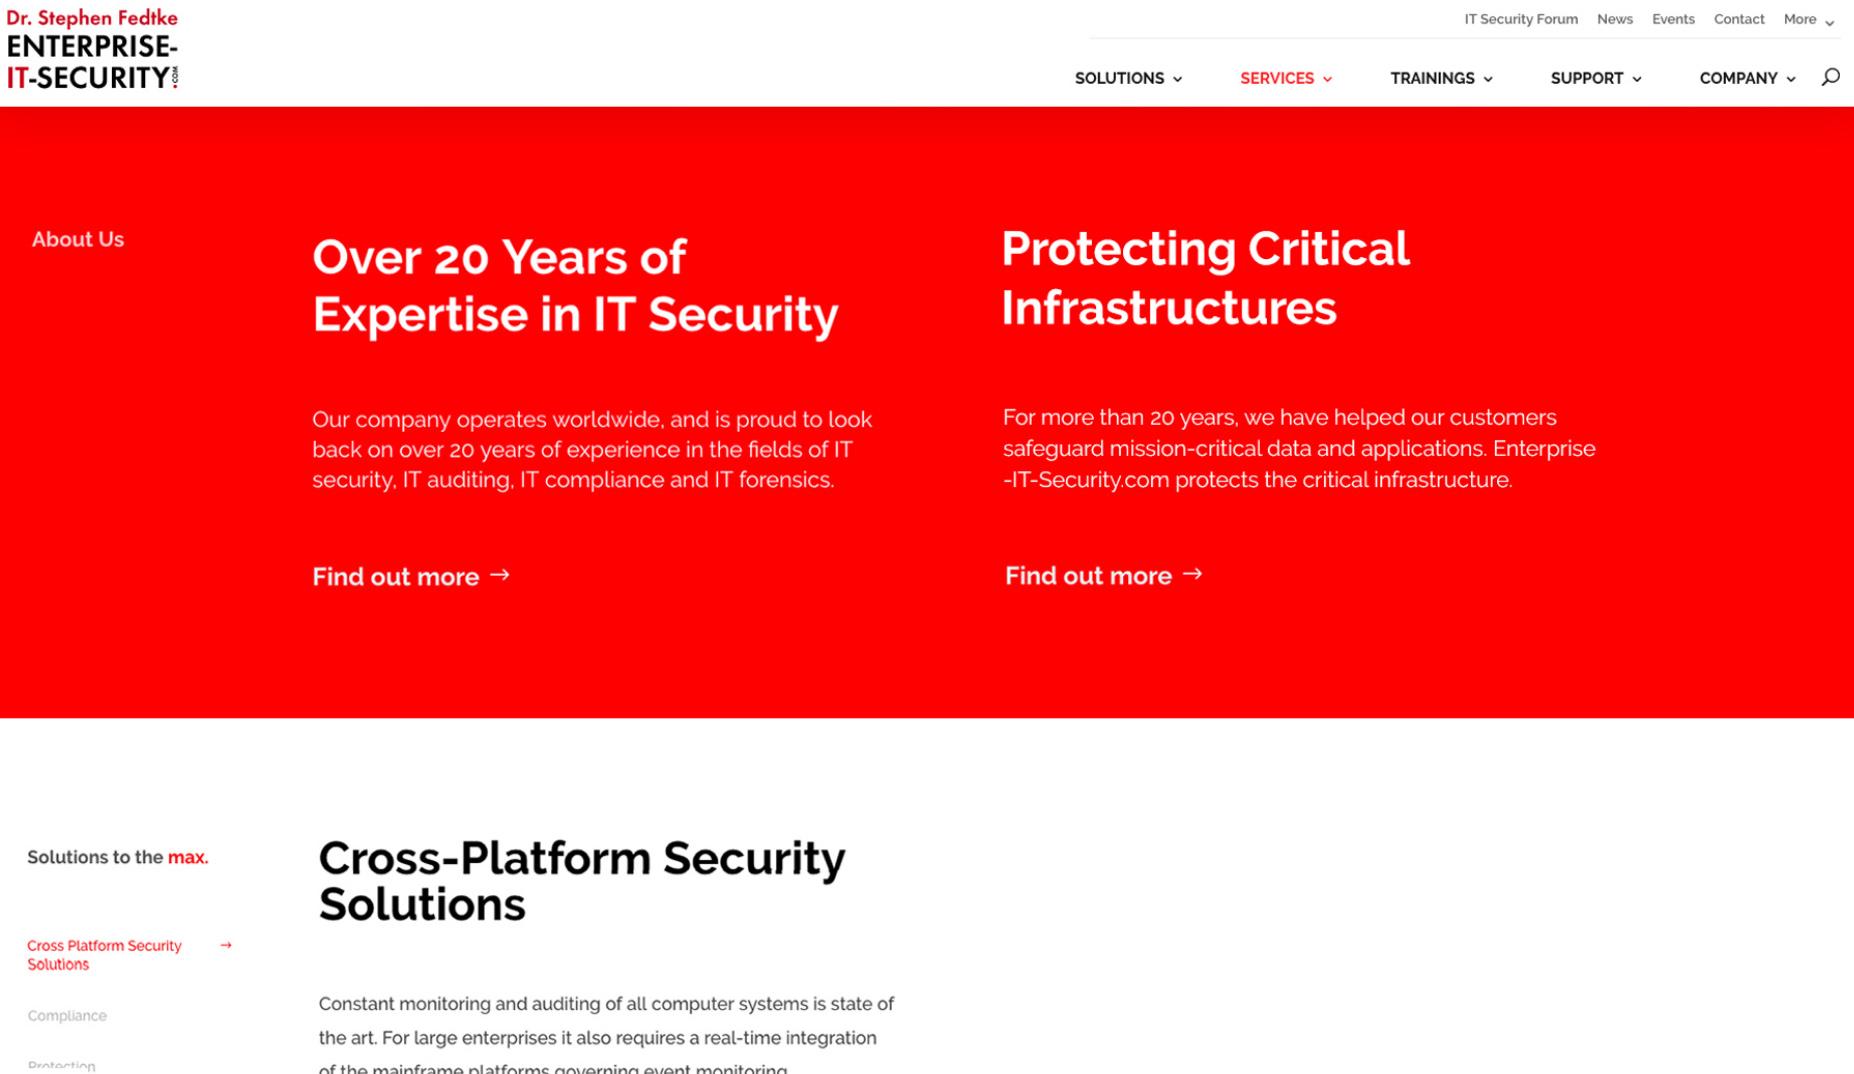 IT Security - Portfolio Image2